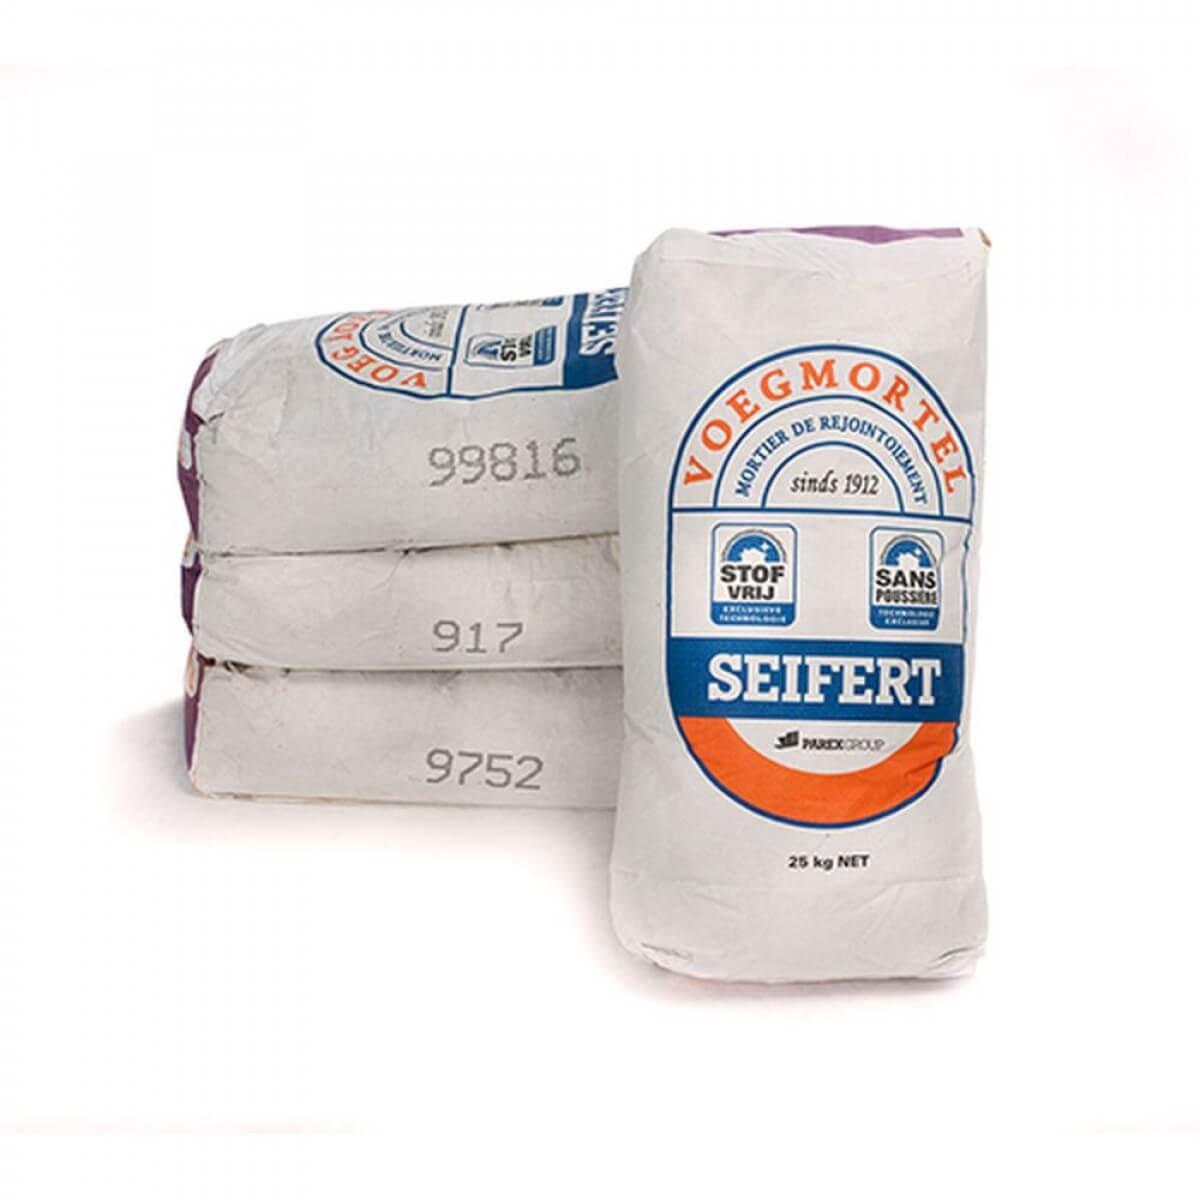 Seifert voegmortel 916 zak 25kg kopen